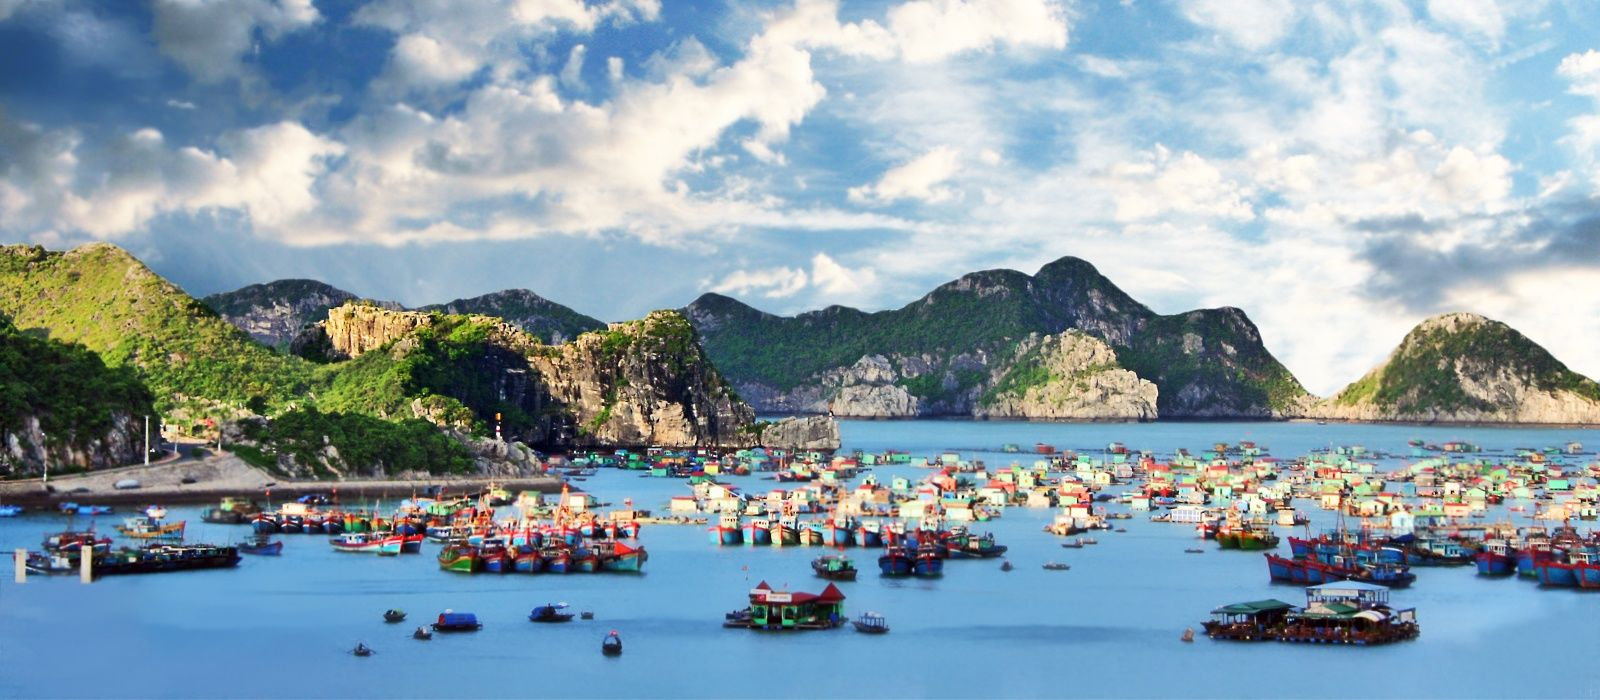 Destination Cat Ba Island Vietnam